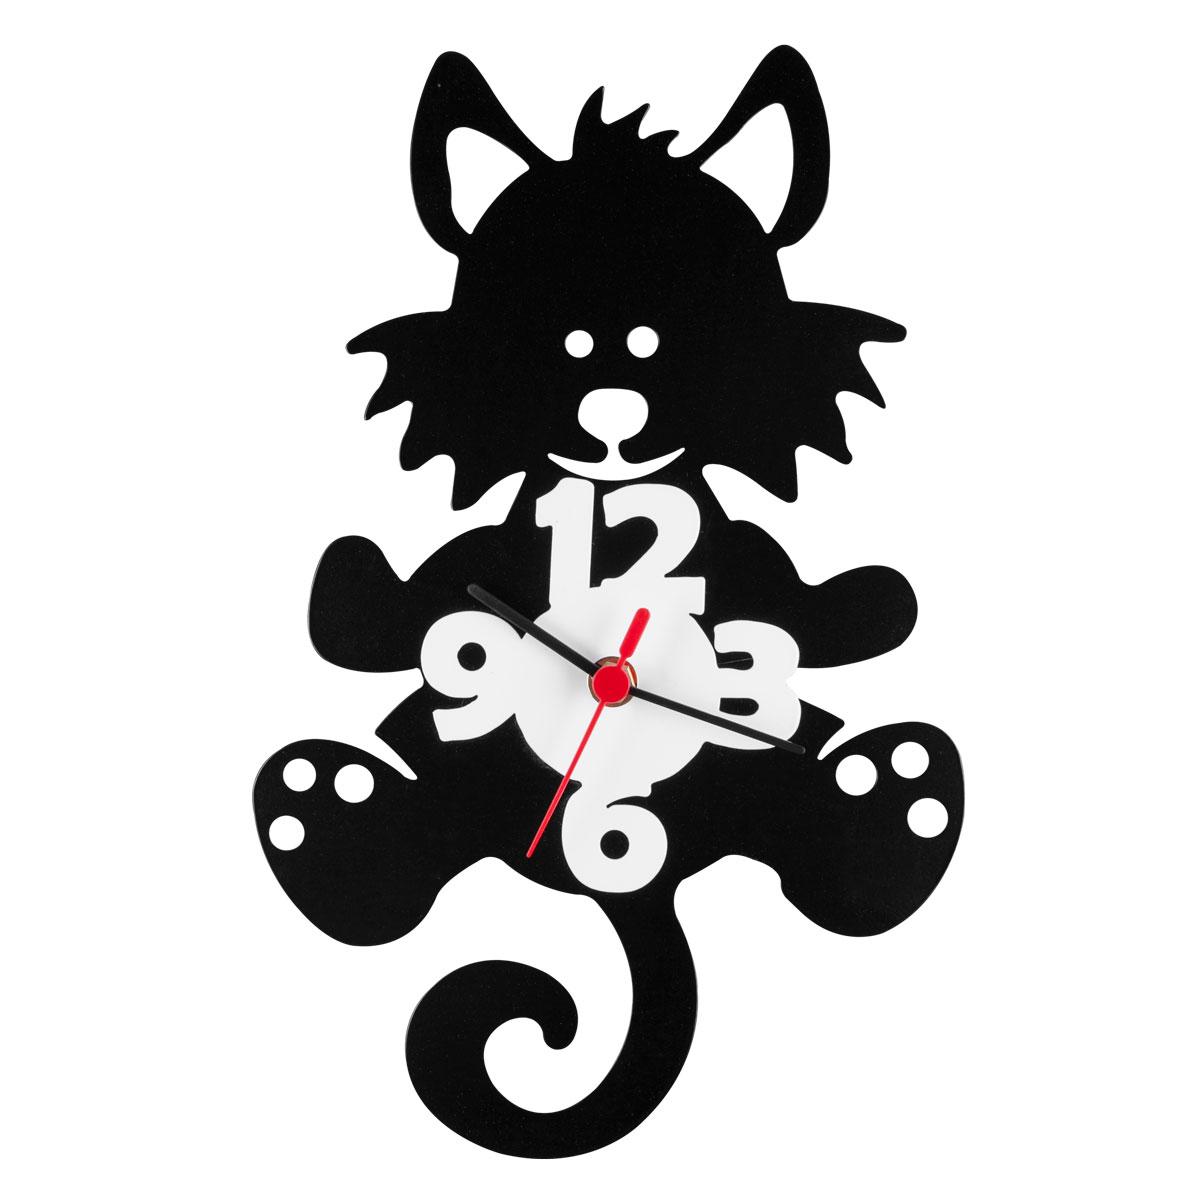 Часы настенные Miolla КотикCH015Оригинальные настенные часы круглой формы выполнены из стали. Часы имеют три стрелки - часовую, минутную и секундную и циферблат с цифрами. Необычное дизайнерское решение и качество исполнения придутся по вкусу каждому. Часы работают от 1 батарейки типа АА напряжением 1,5 В.